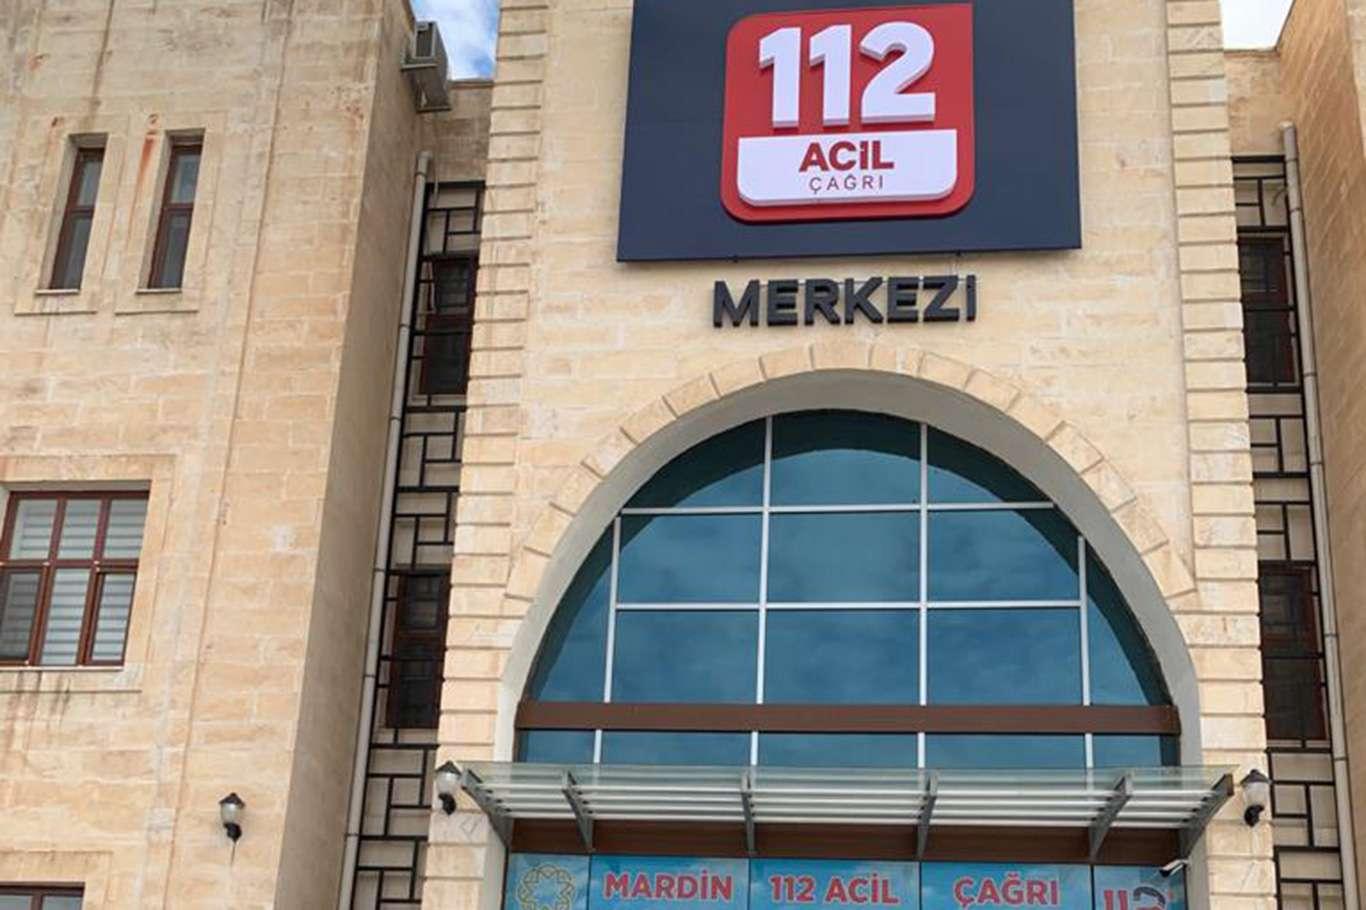 Mardinde 112 Acil hattına gelen çağrıların yüzde 86sı asılsız çıktı